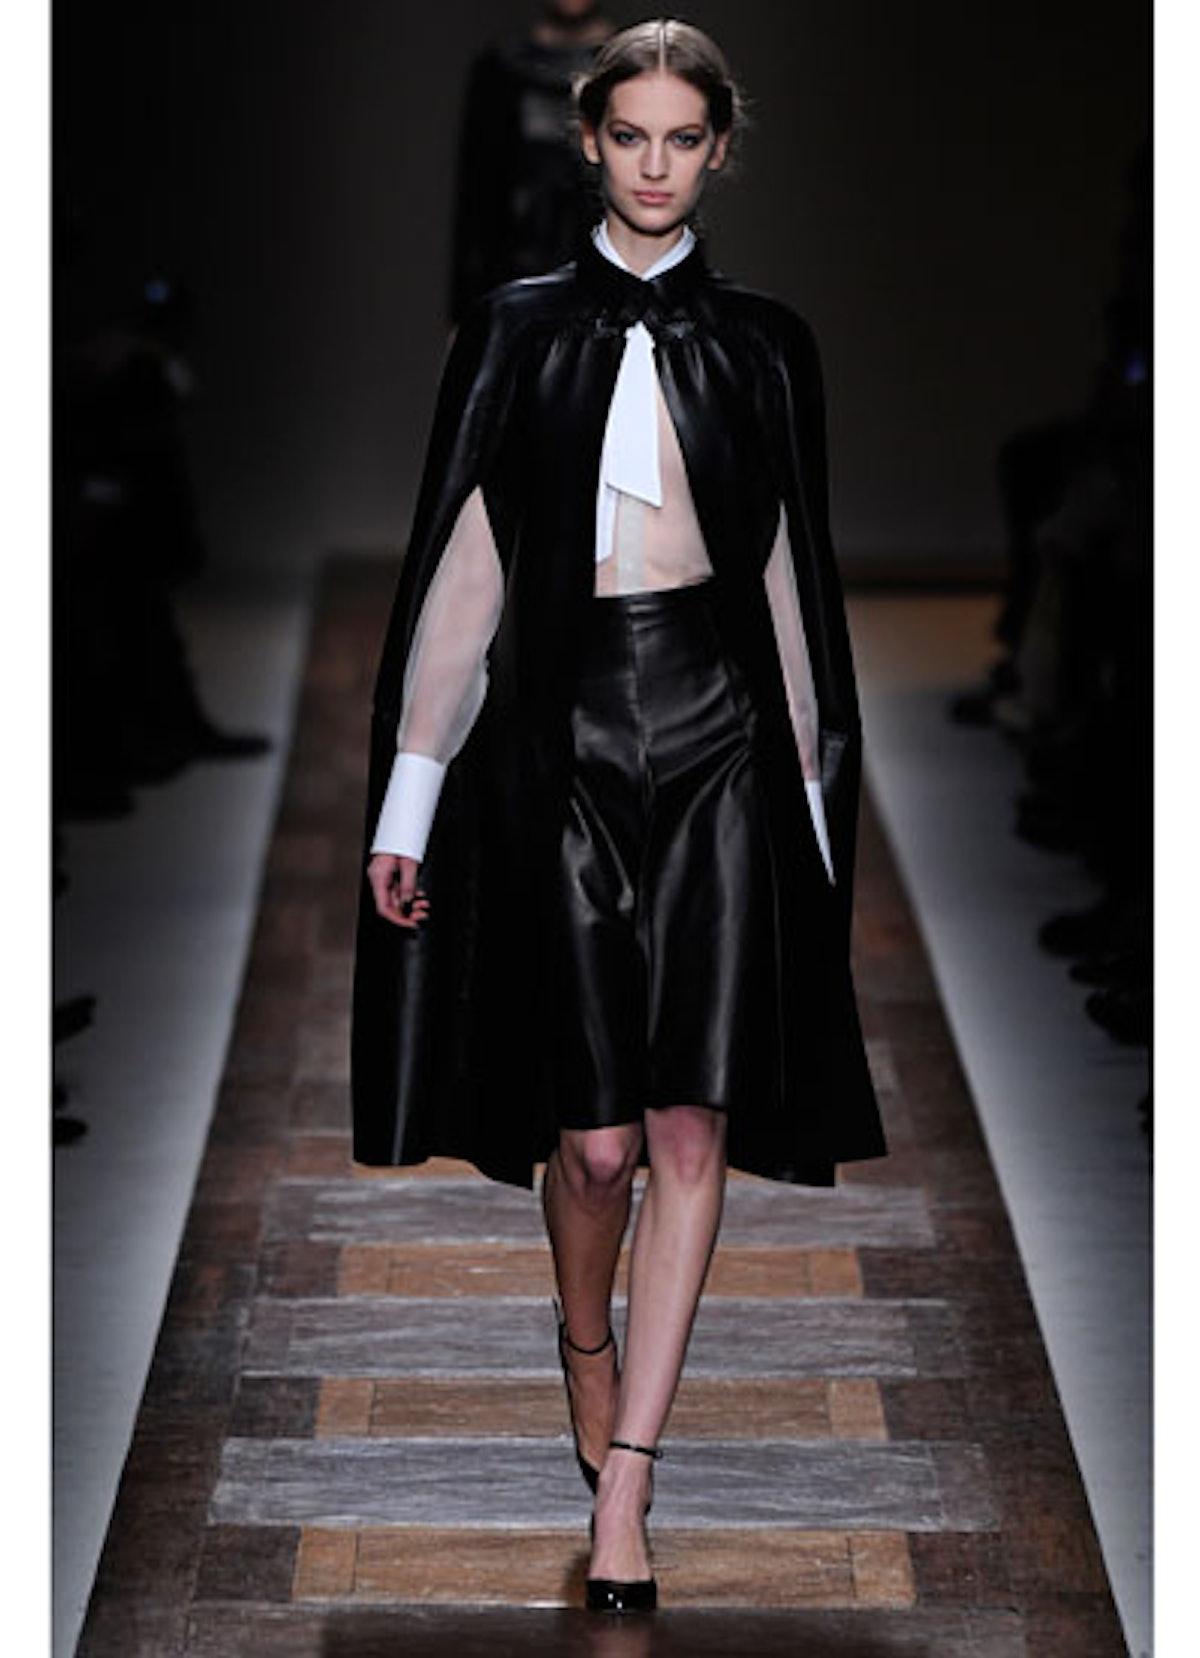 fass-fall-2012-fashion-roundup-35-v.jpg